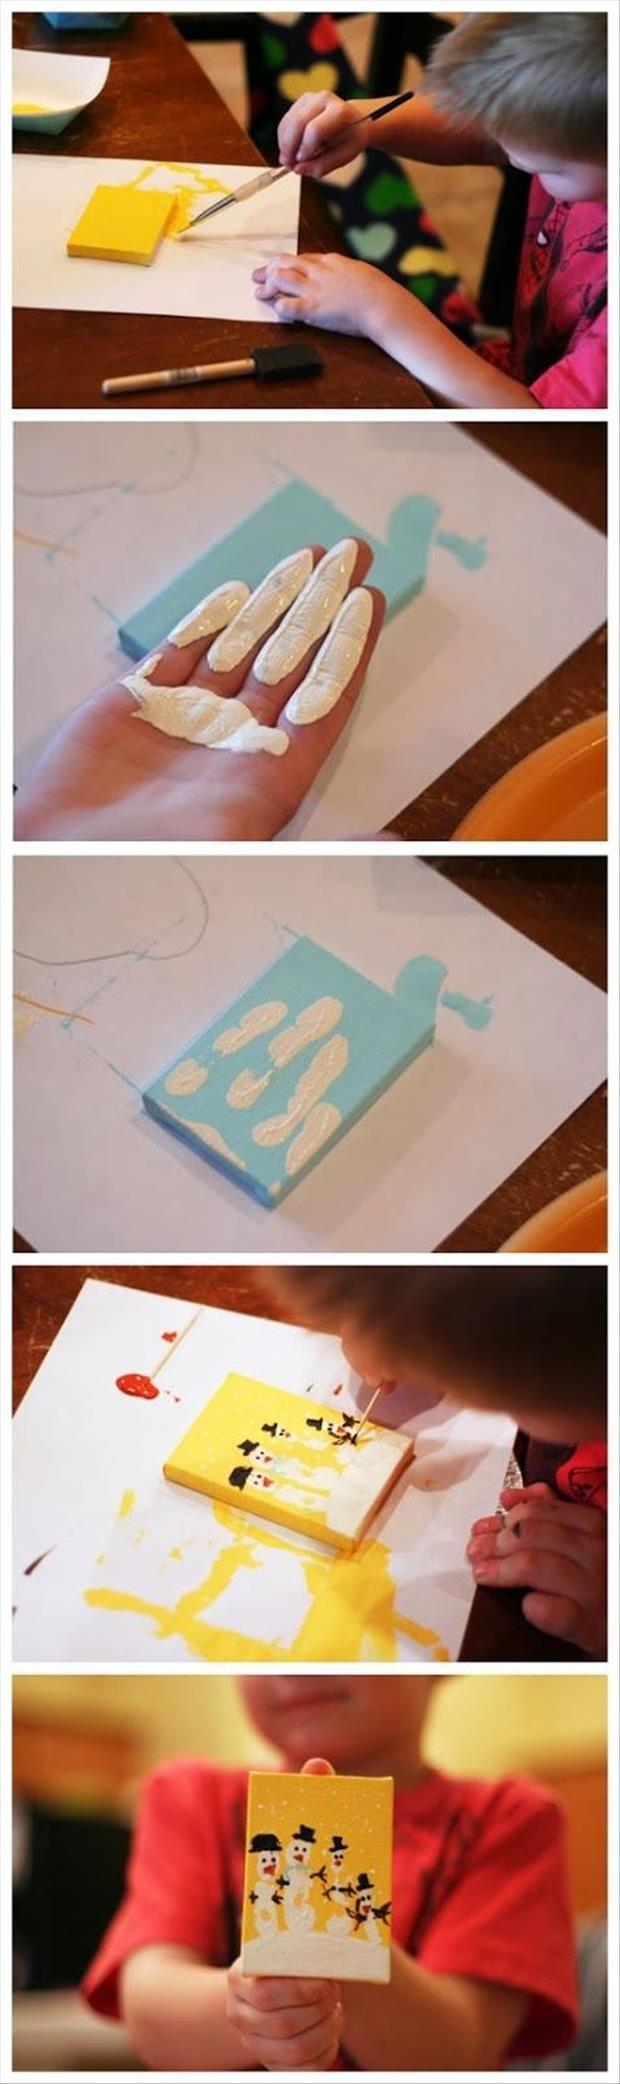 Maak je eigen schilderijtje met sneeuwpoppen!